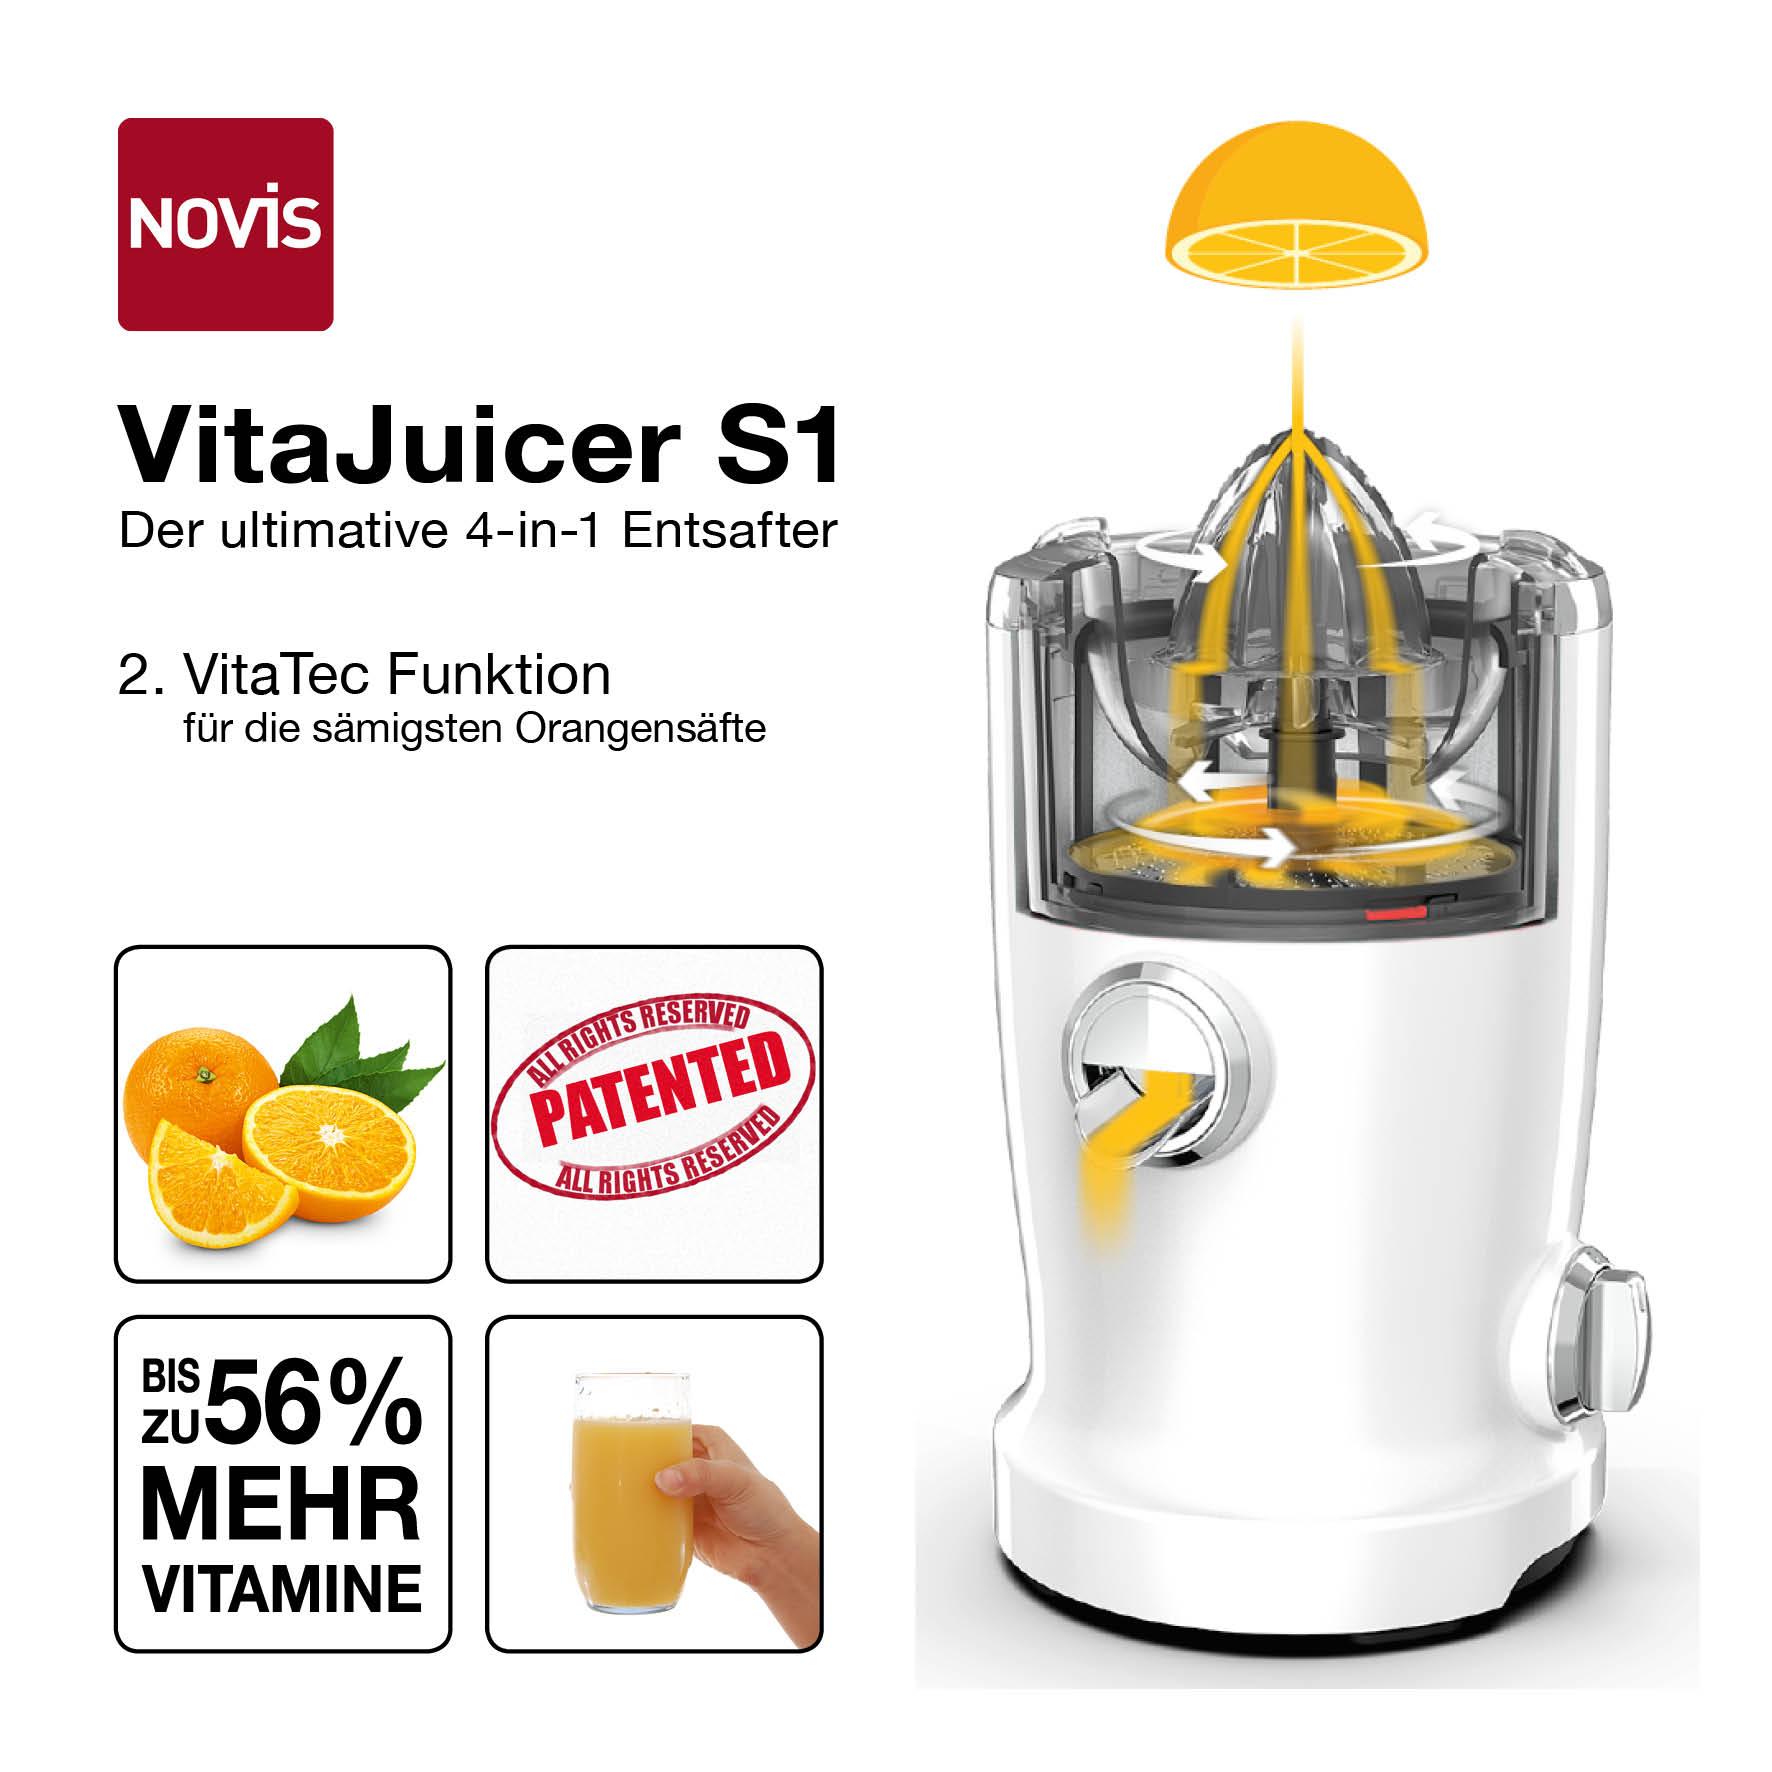 Novis VitaJuicer S1